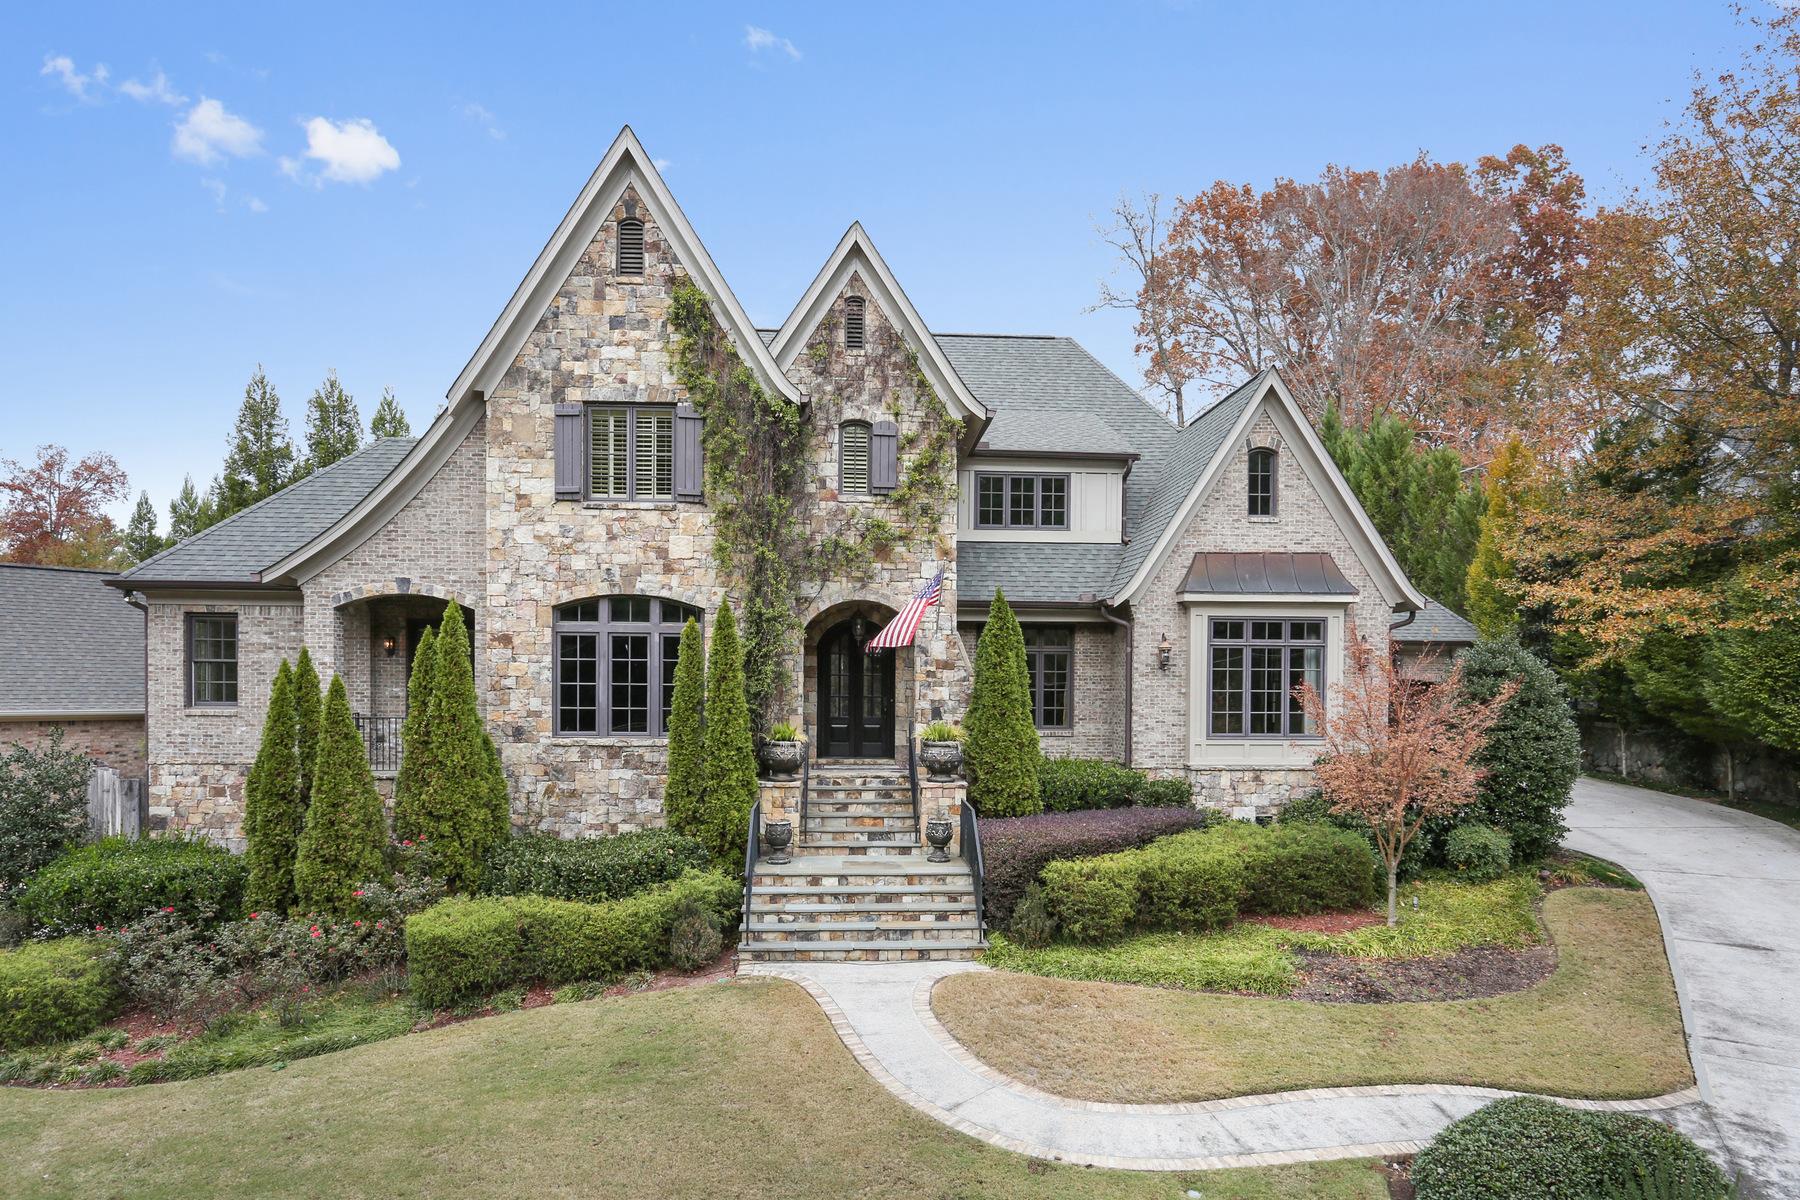 Частный односемейный дом для того Продажа на Stunning European Manor 14 Laurel Drive NE Atlanta, Джорджия 30342 Соединенные Штаты